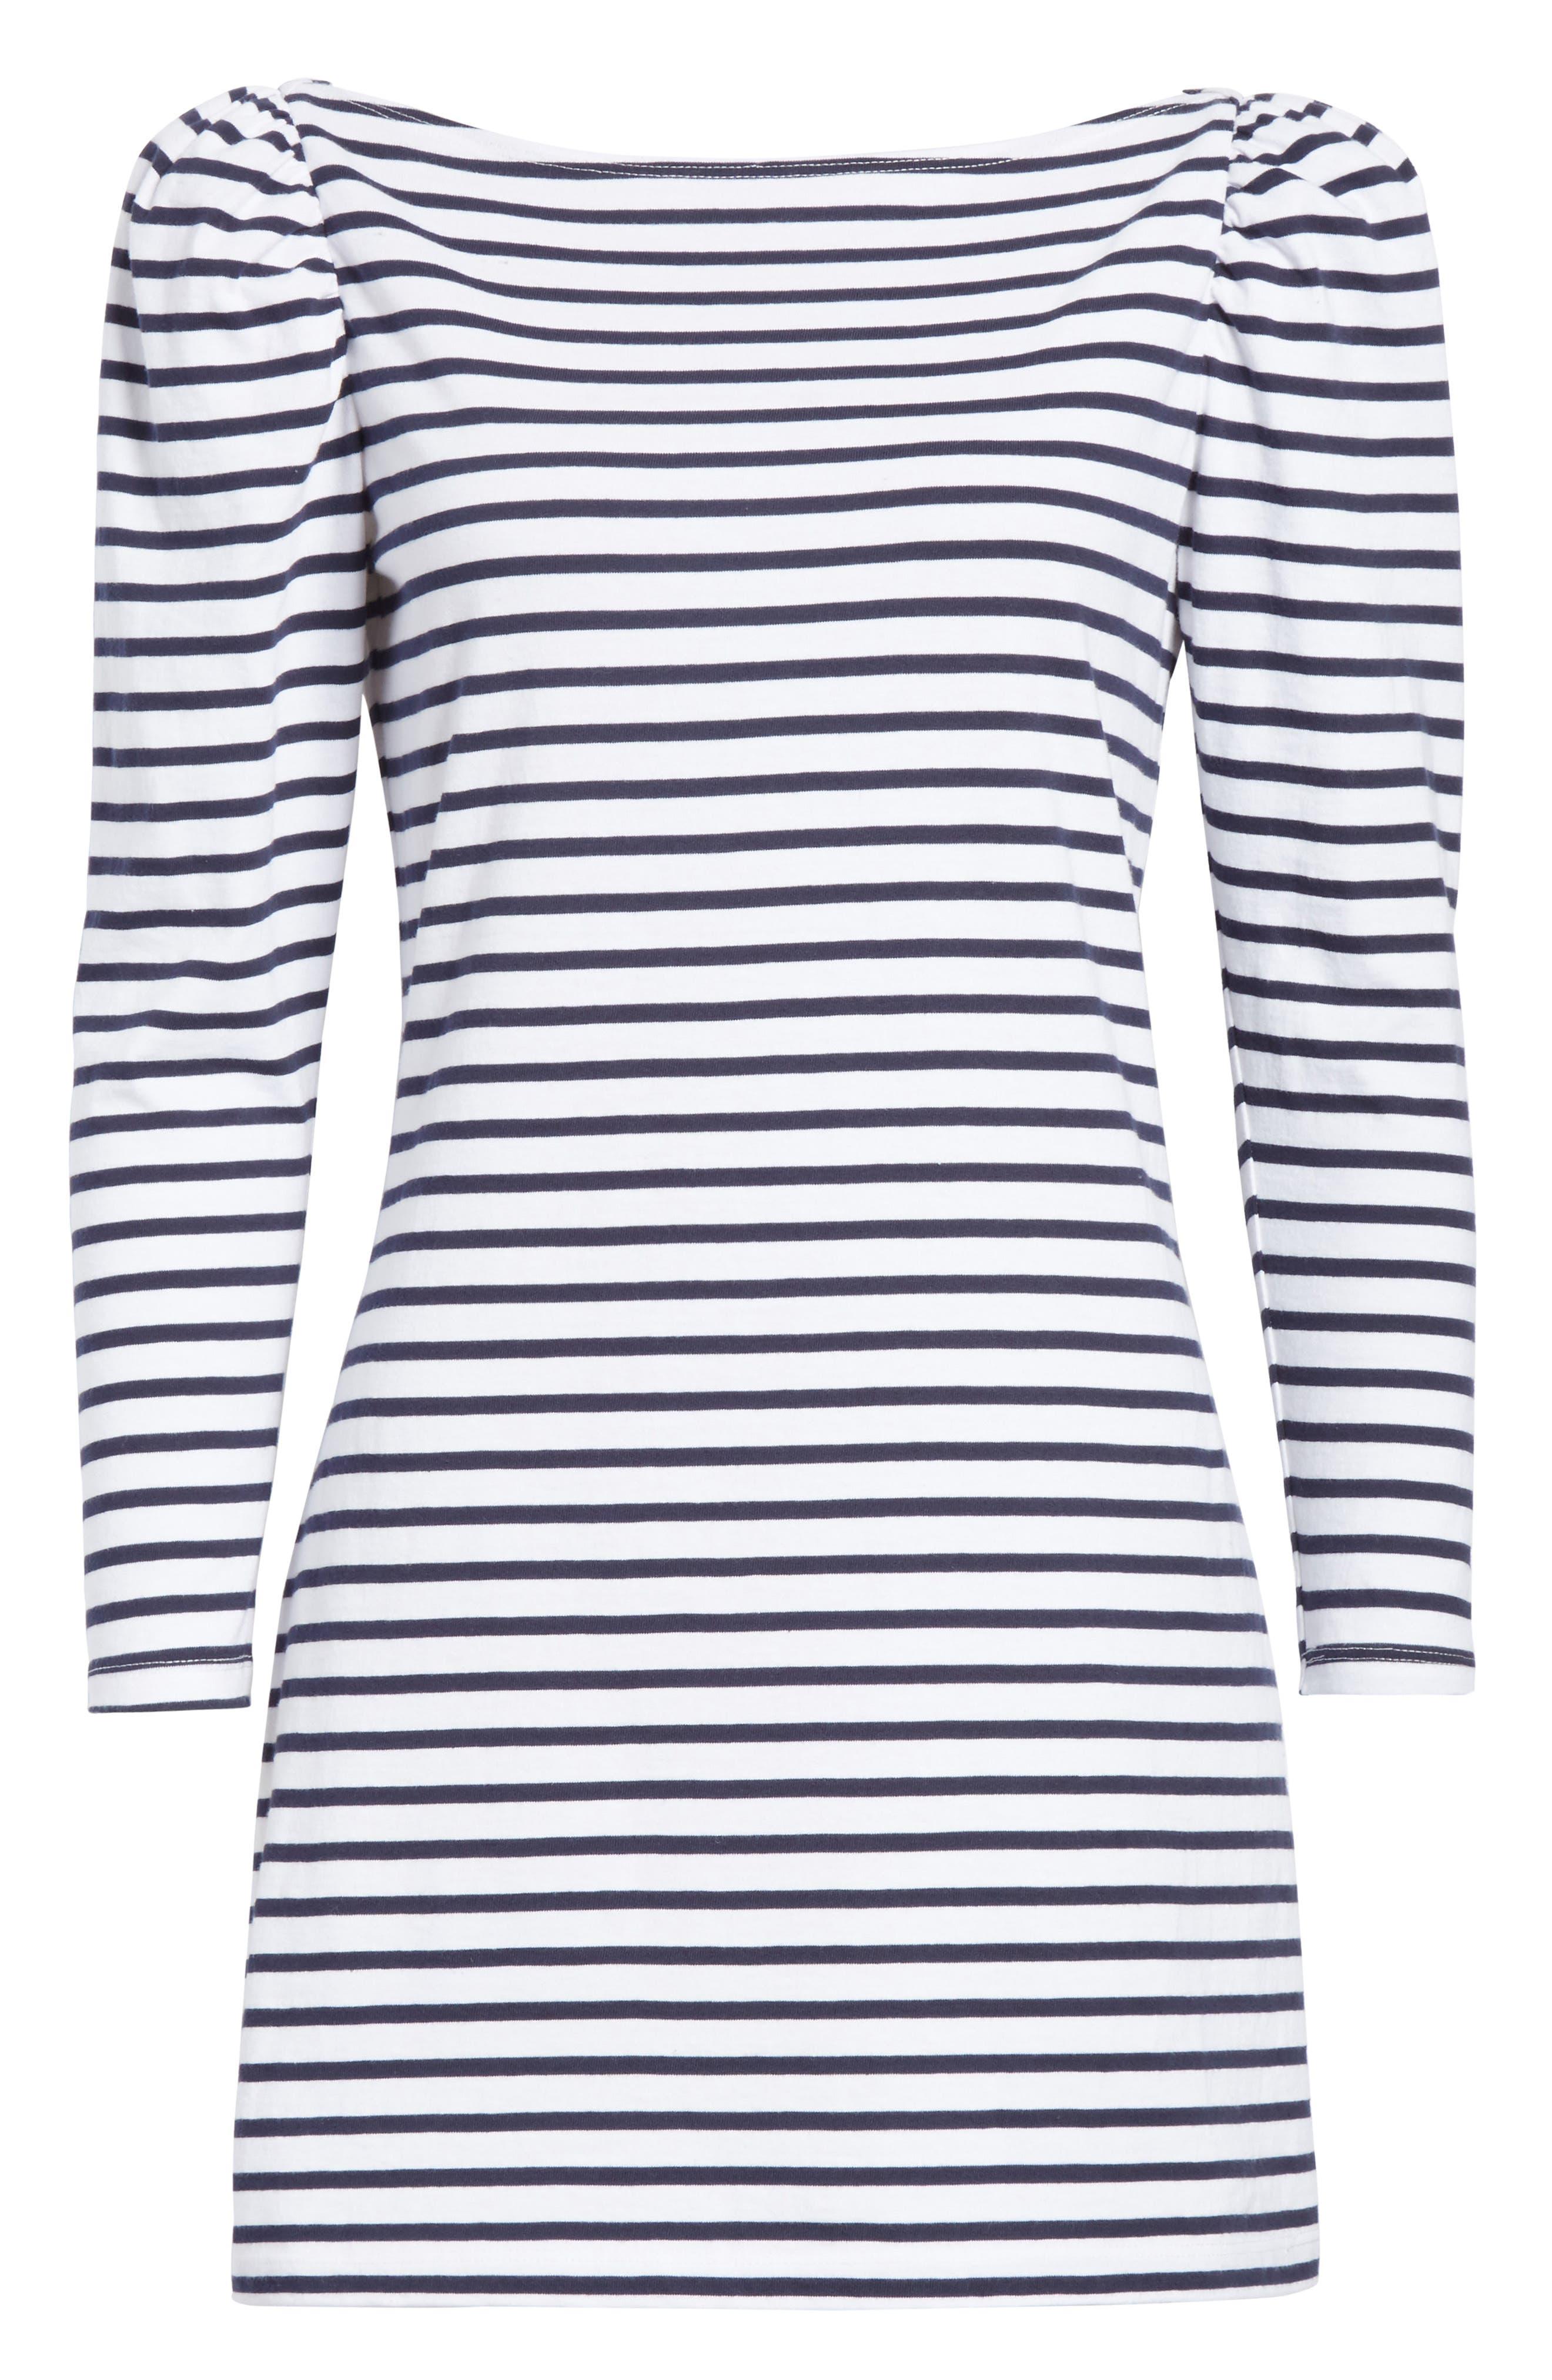 Stevens Stripe Dress,                             Alternate thumbnail 6, color,                             Midnight